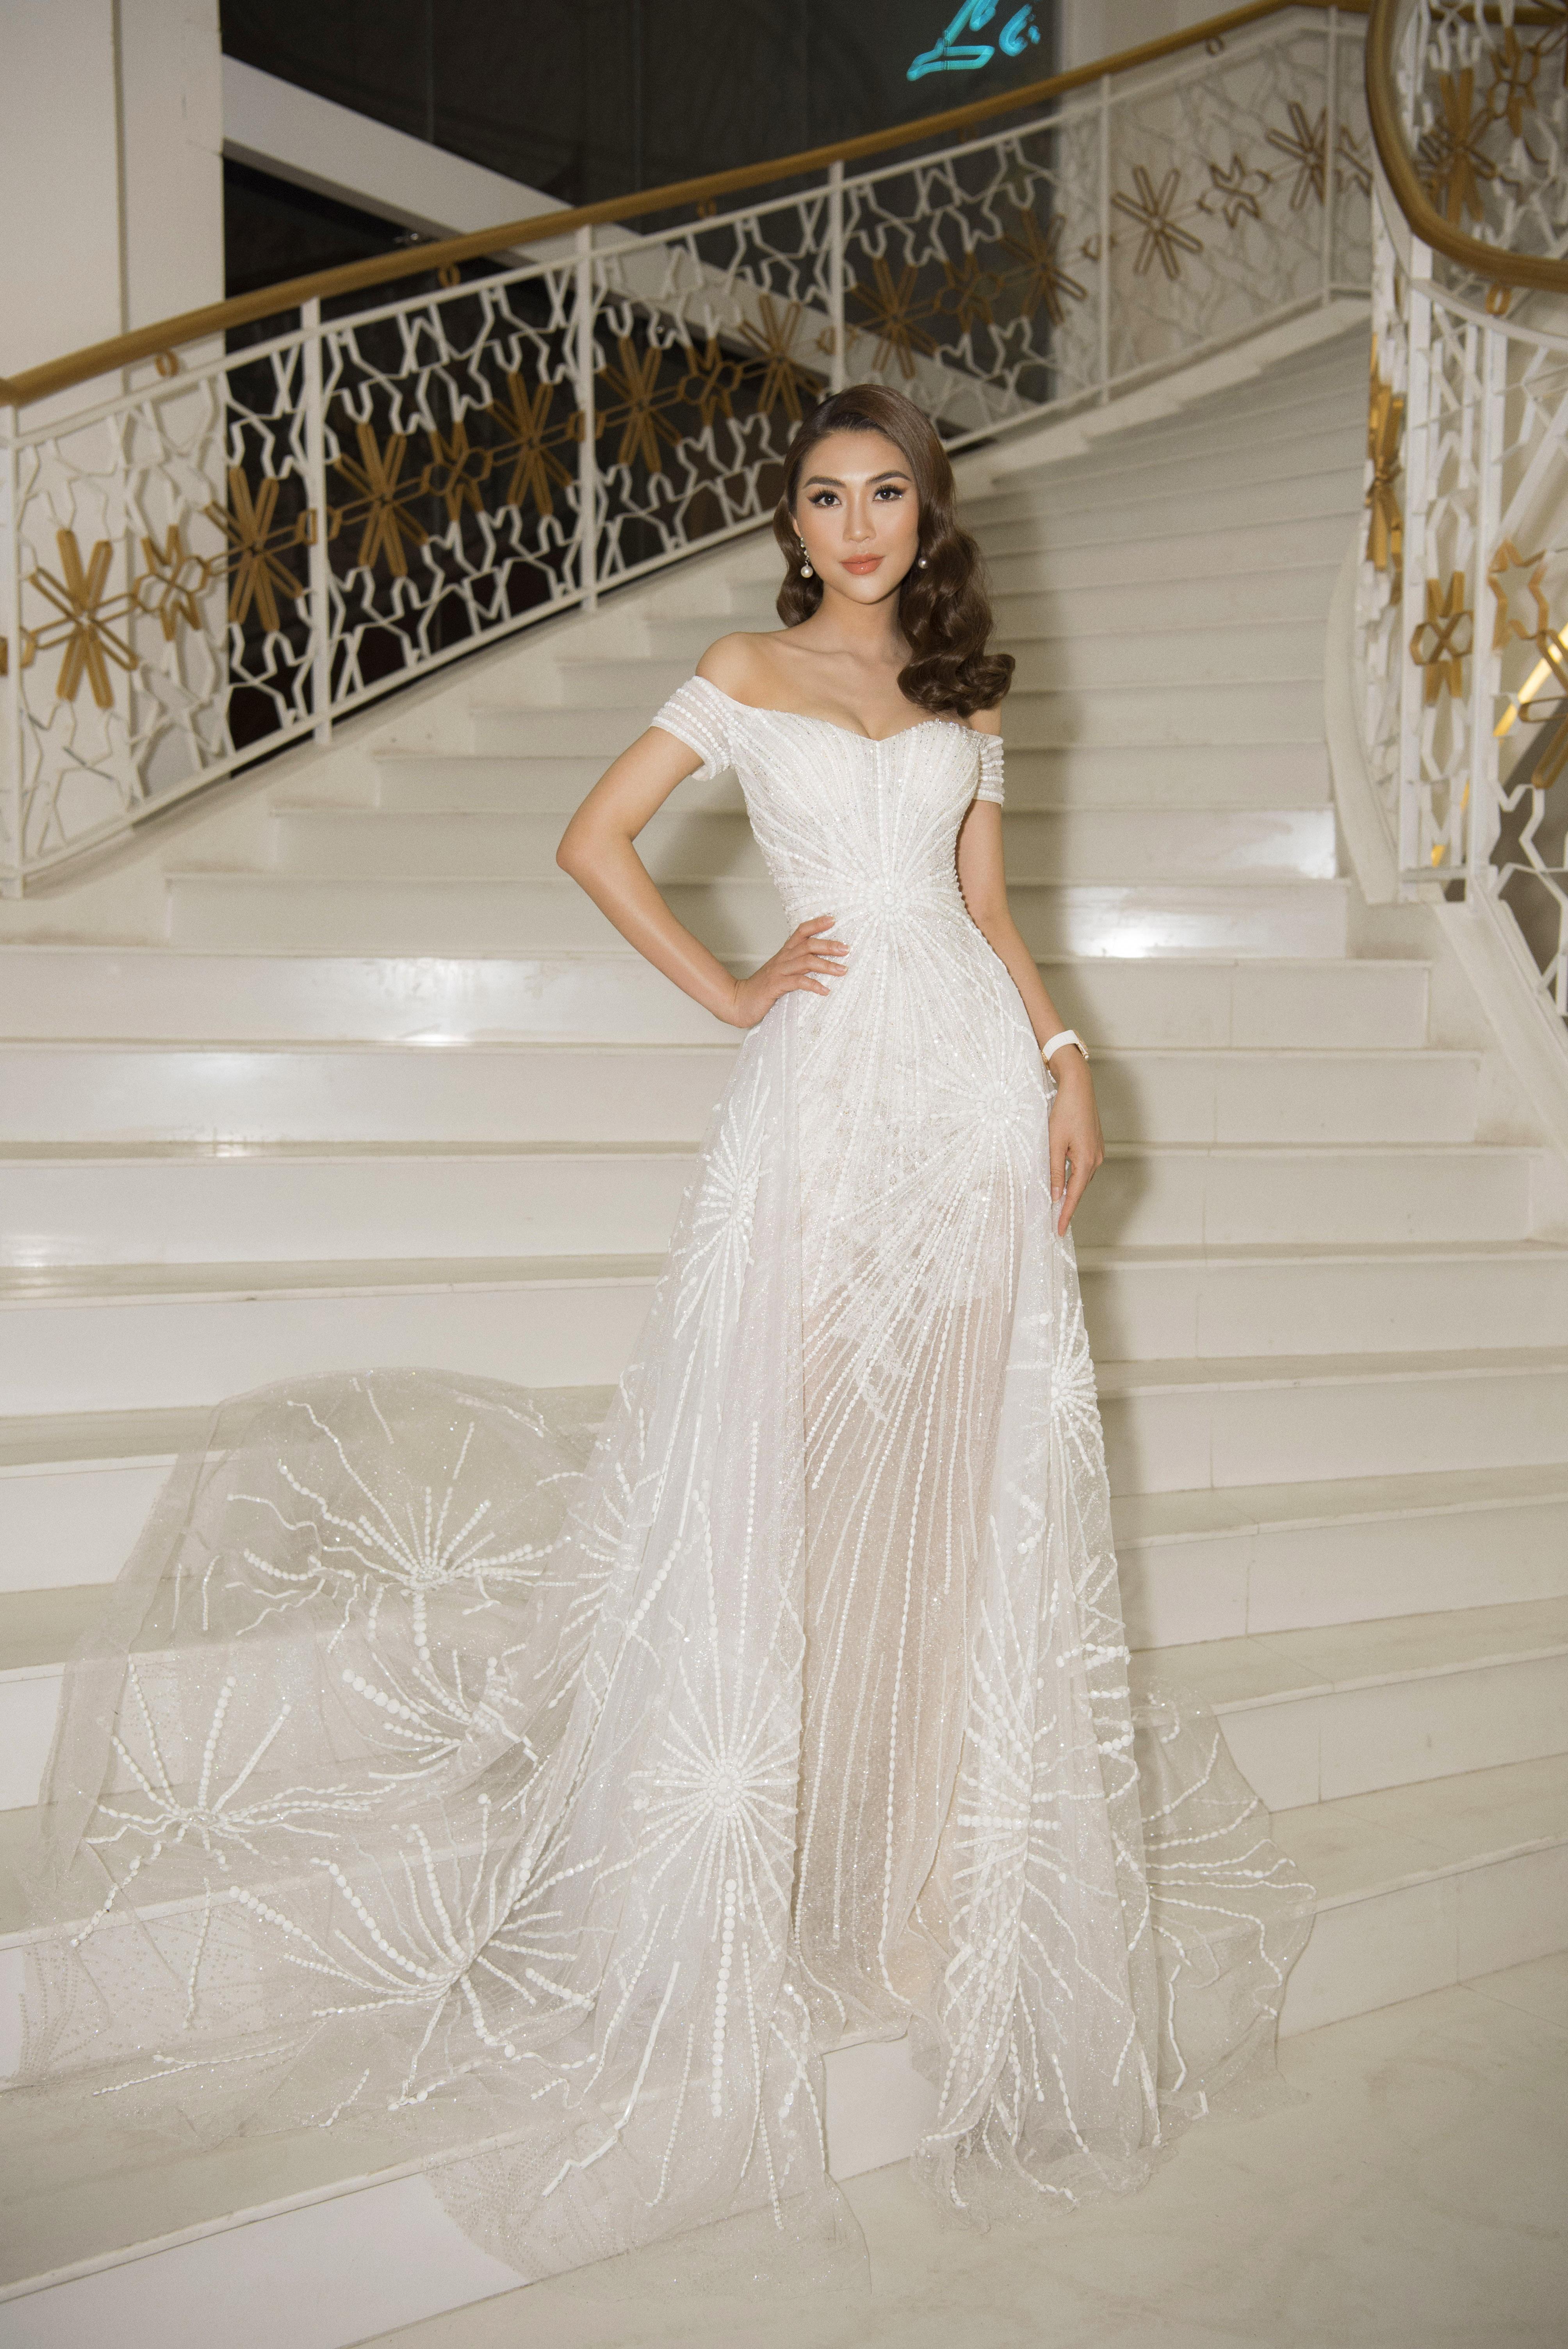 Hoa hậu Tường Linh xinh như công chúa làm giám khảo cuộc sắc đẹp tại quê nhà 1